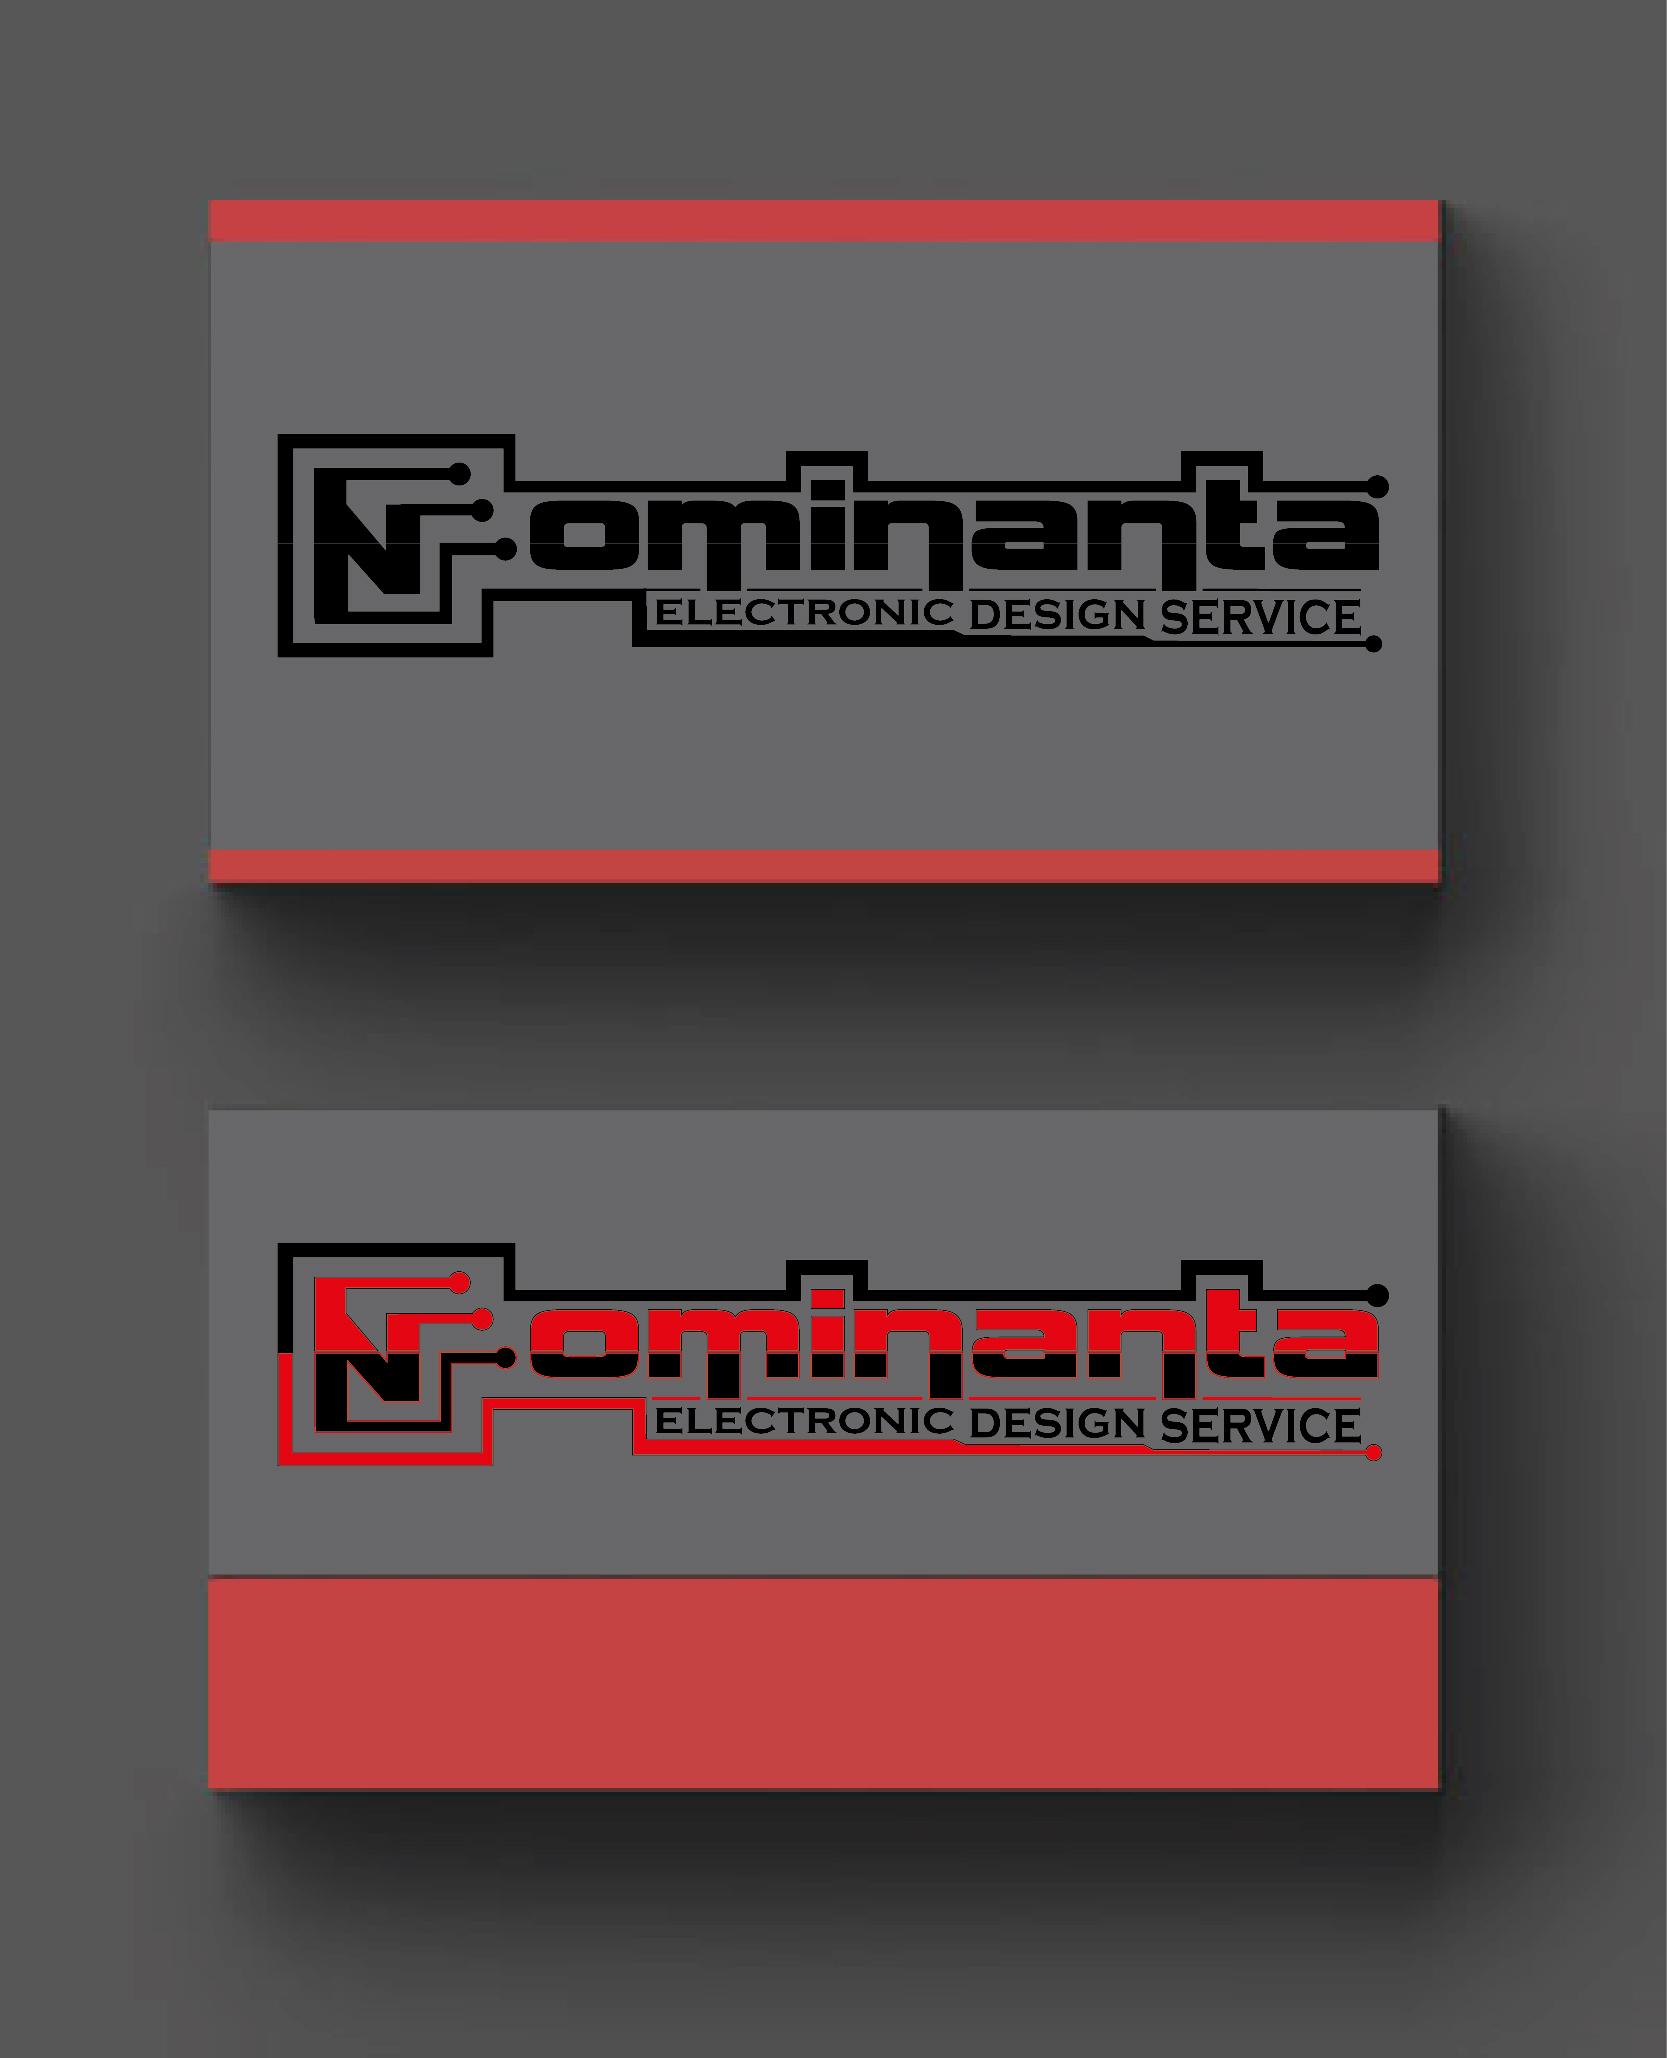 Разработать логотип для КБ по разработке электроники фото f_9445e3e9cb78fa3c.jpg